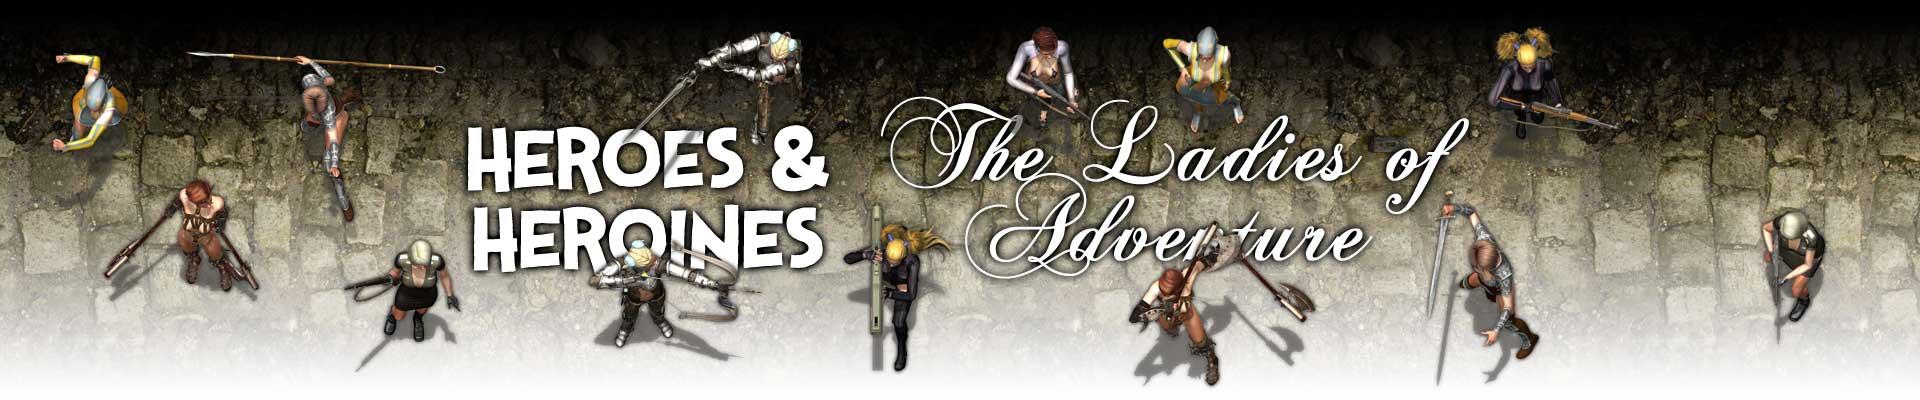 Heroes & Heroines: The Ladies of Adventure